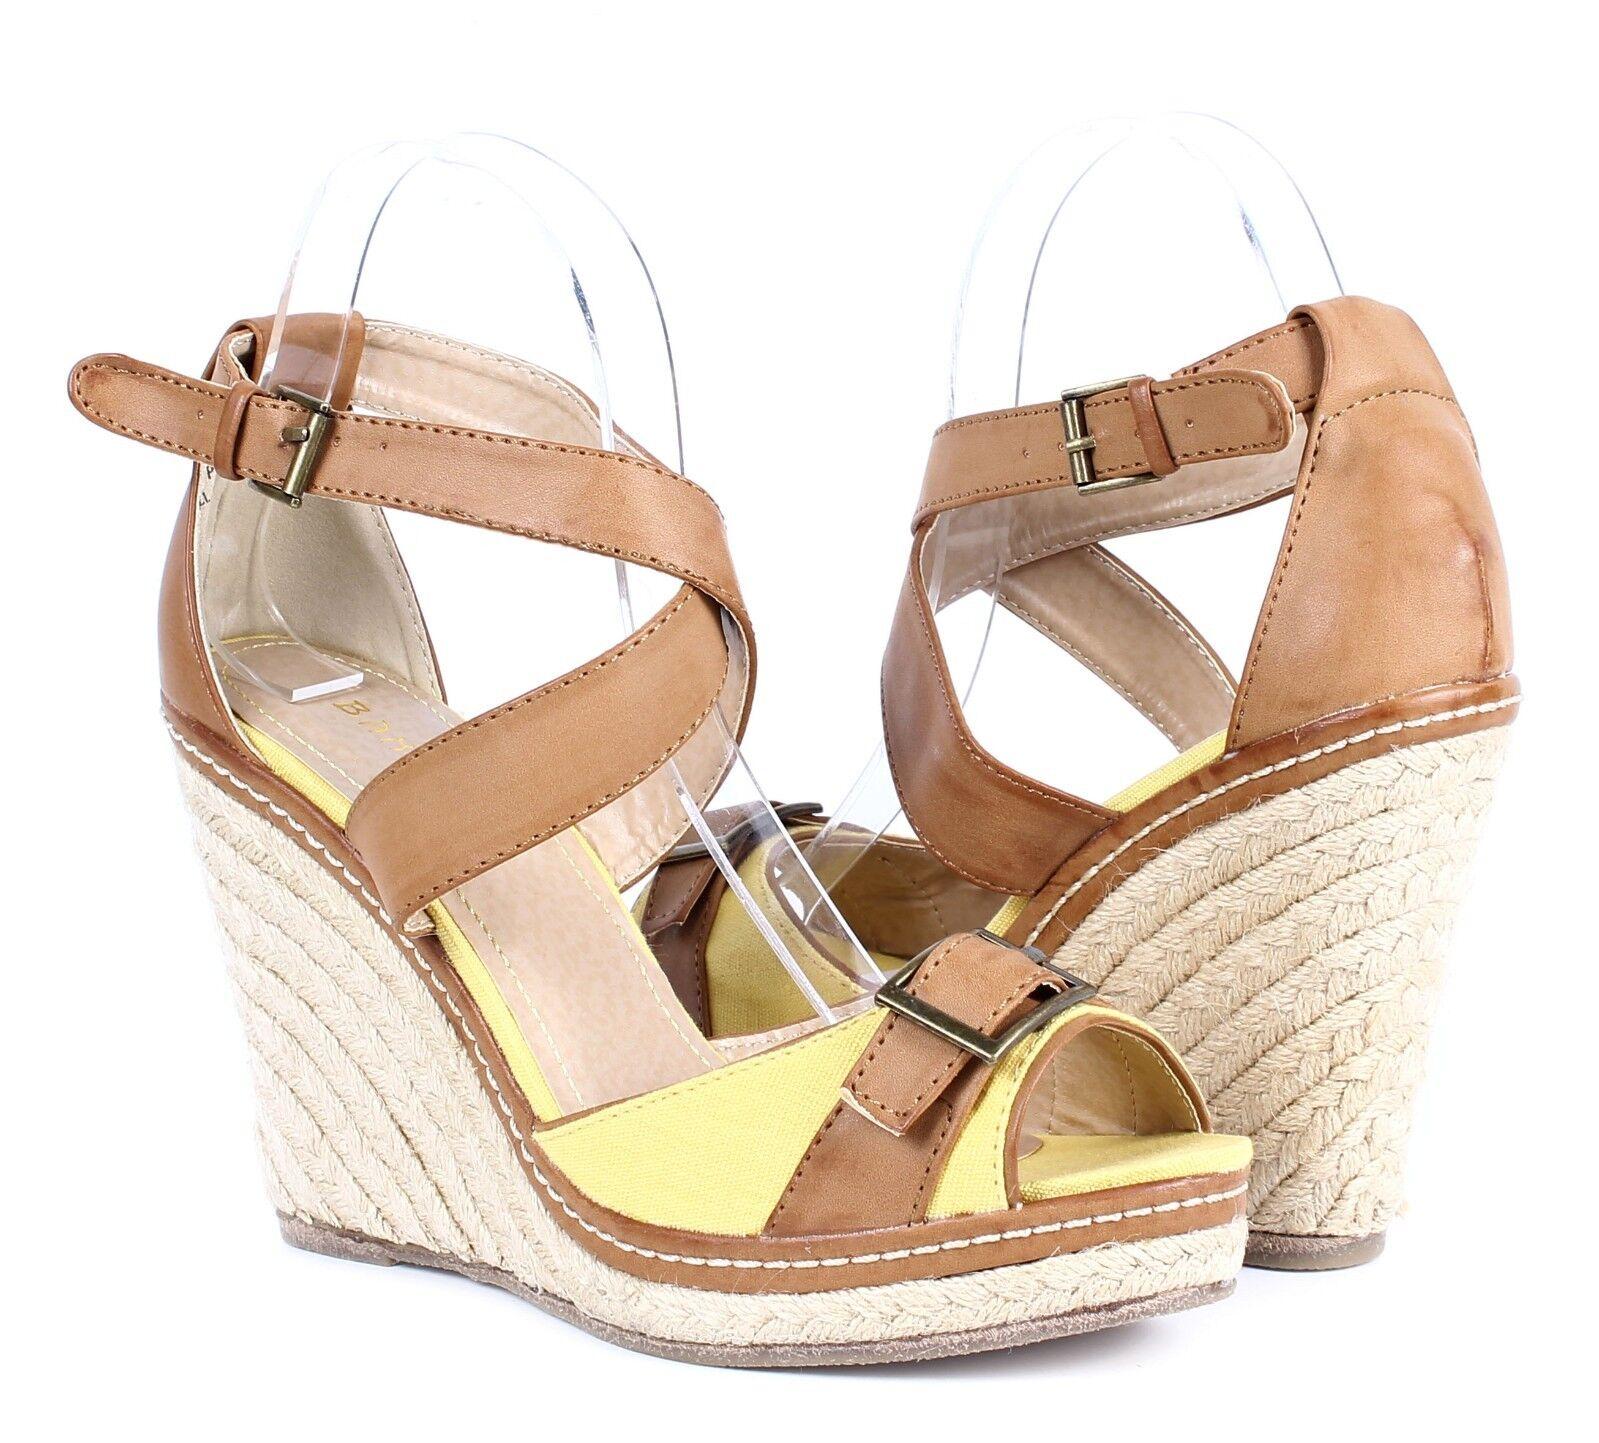 ac821d0f5fca Lemon nn Buckles Summer Cross Strap High Heel Womens Wedges Sandals ...